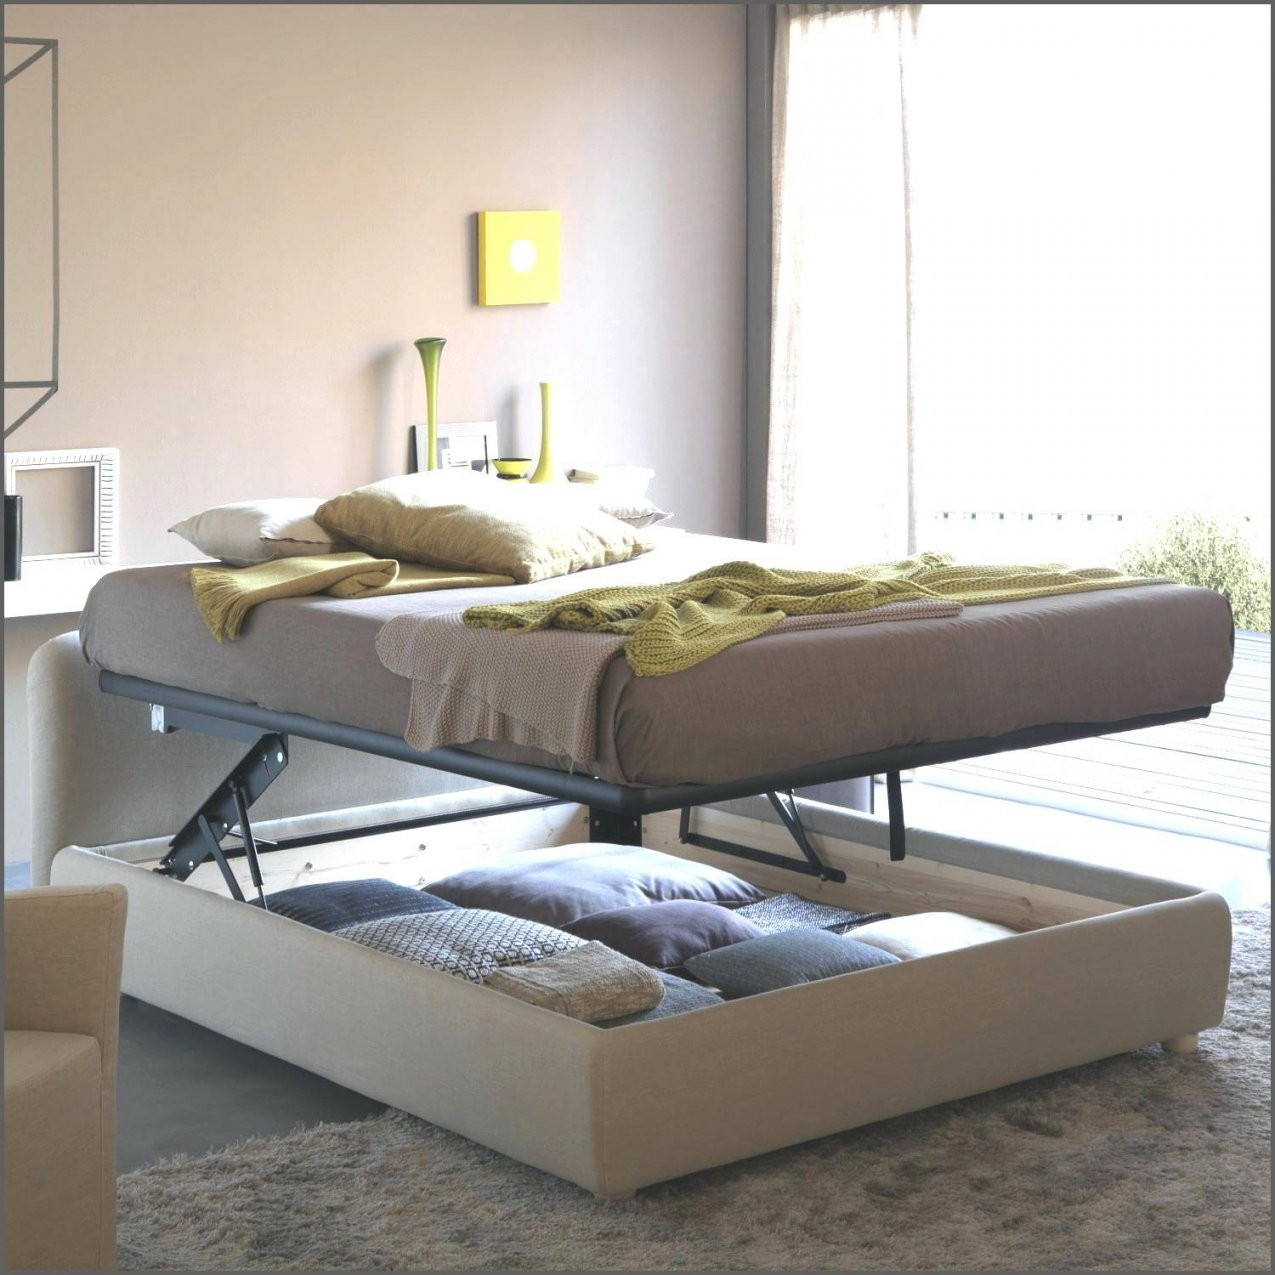 Stauraumbetten Perfect Pin Betten Mit Stauraum Betten Ohne Von von Stauraum Bett 180X200 Bild